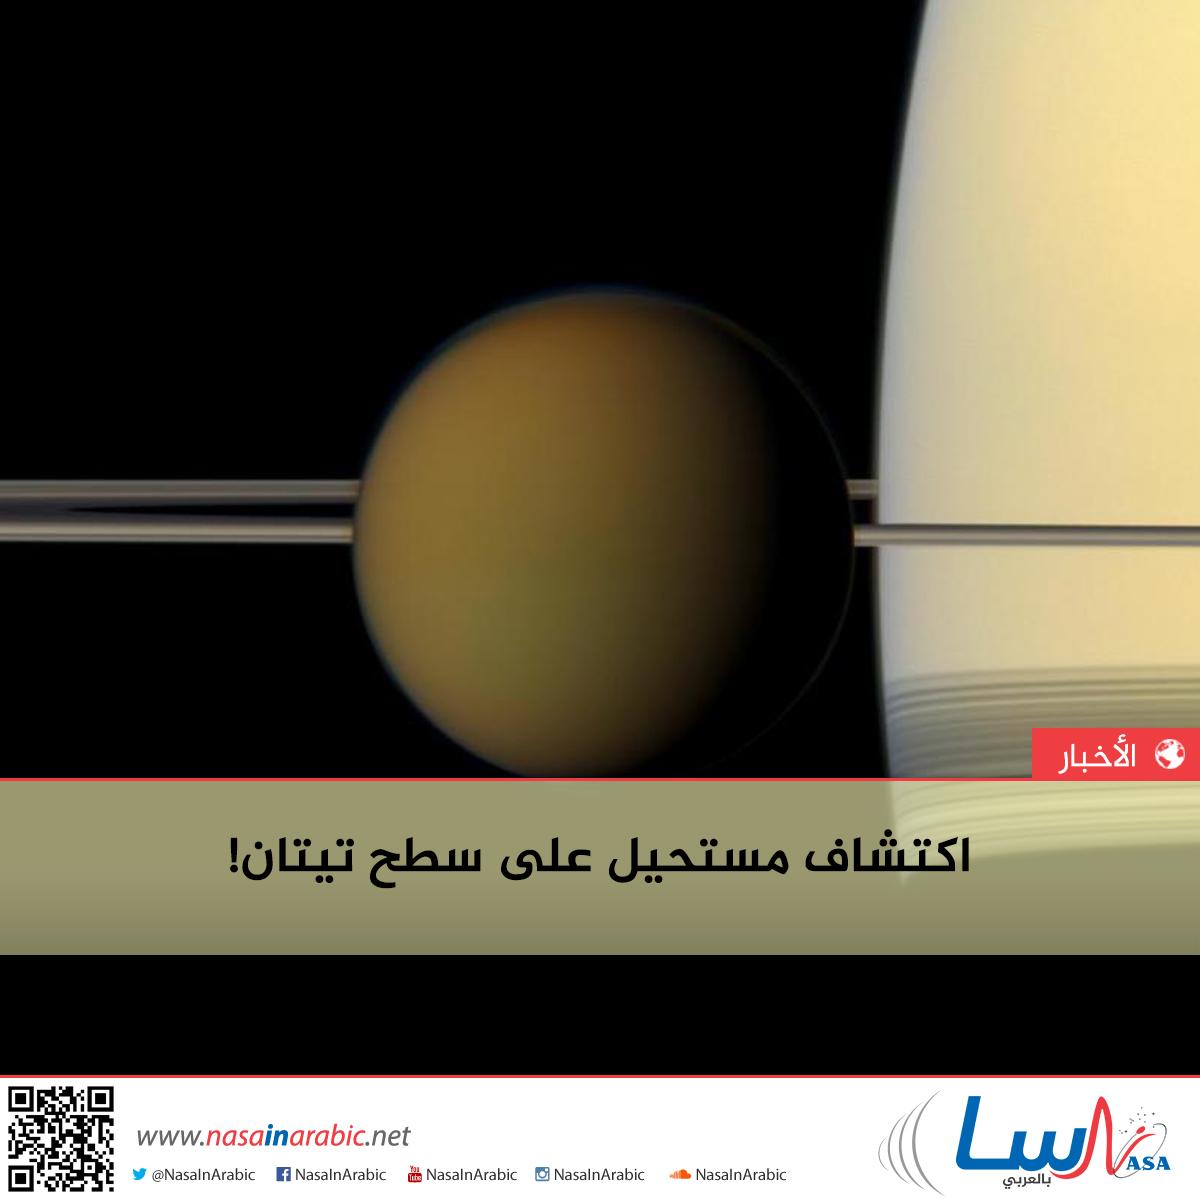 اكتشاف مستحيل على سطح تيتان!